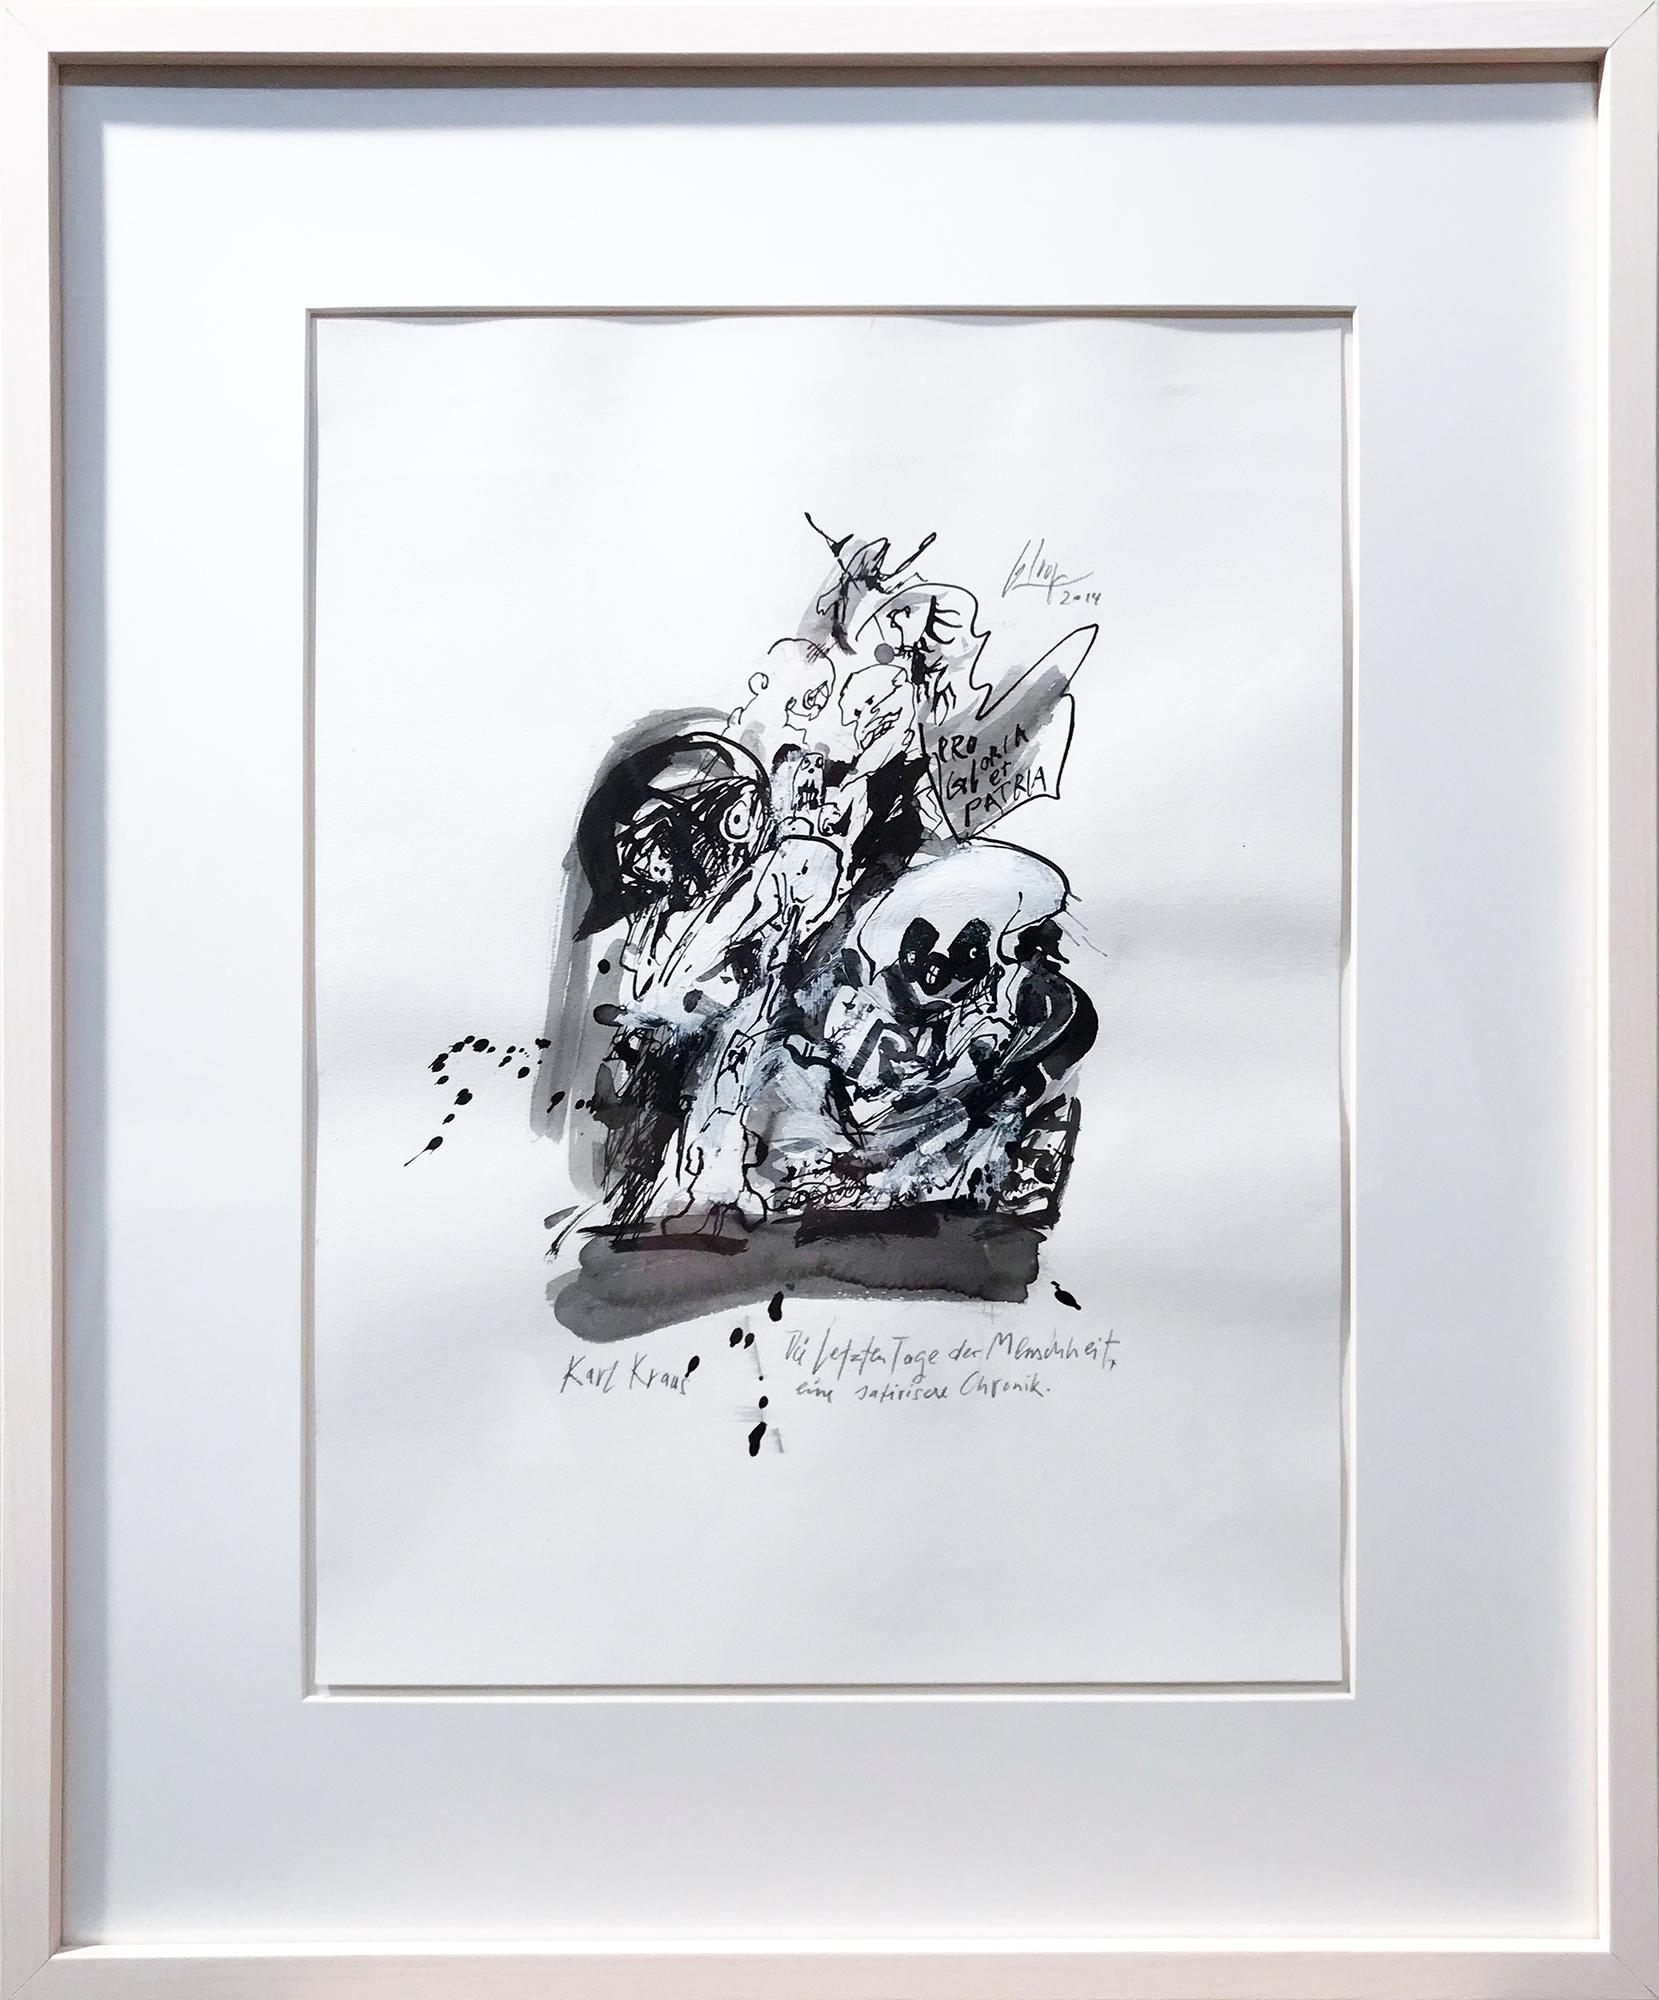 Karl Kraus, die letzten Tage der Menschheit, 2014, Mischtechnik auf Zeichenpapier, 30 x 40 cm, Holzrahmen, Rahmenmass 48 x 57 cm